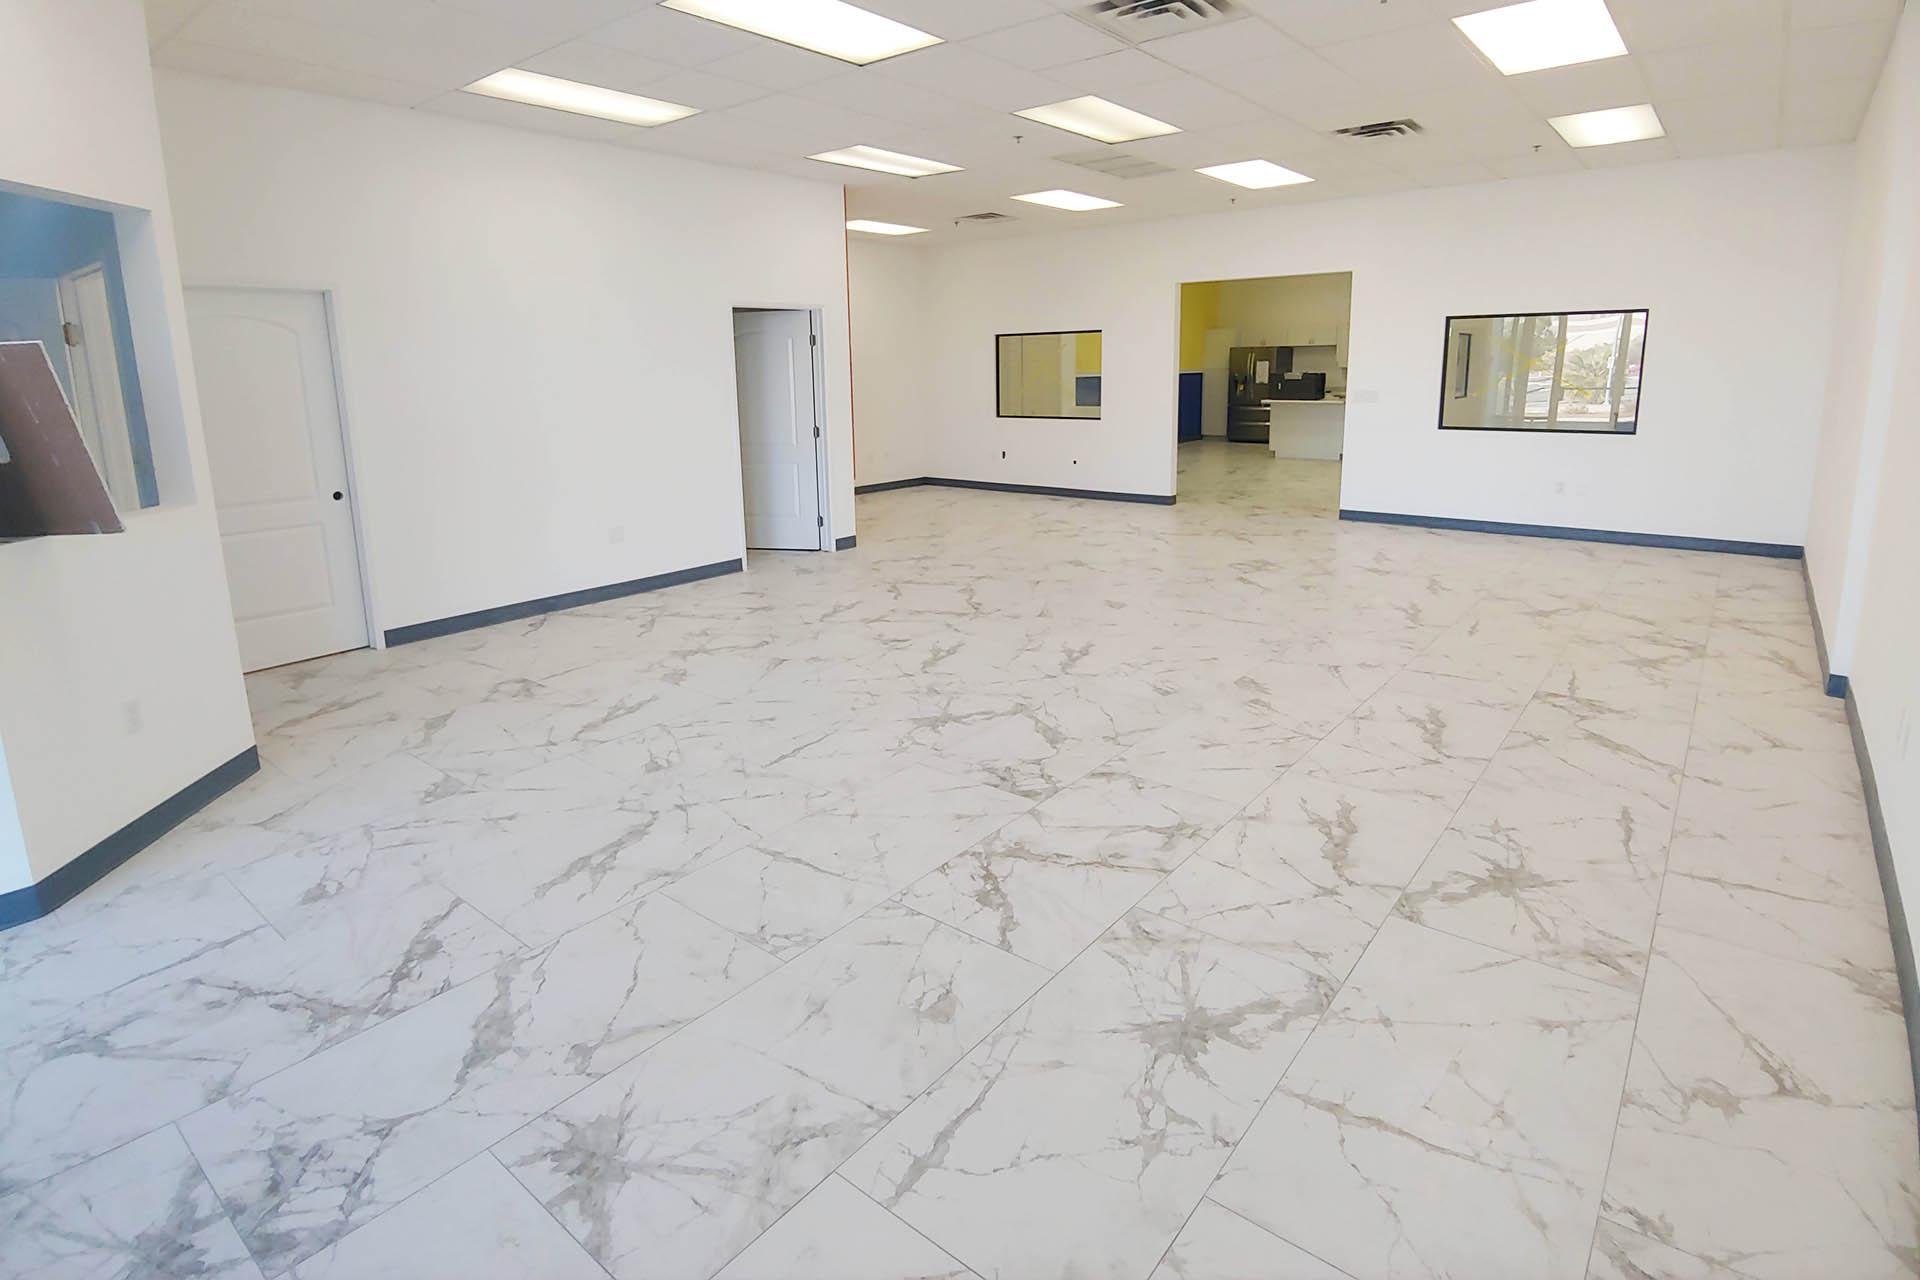 View White 2x4 Tile Installation